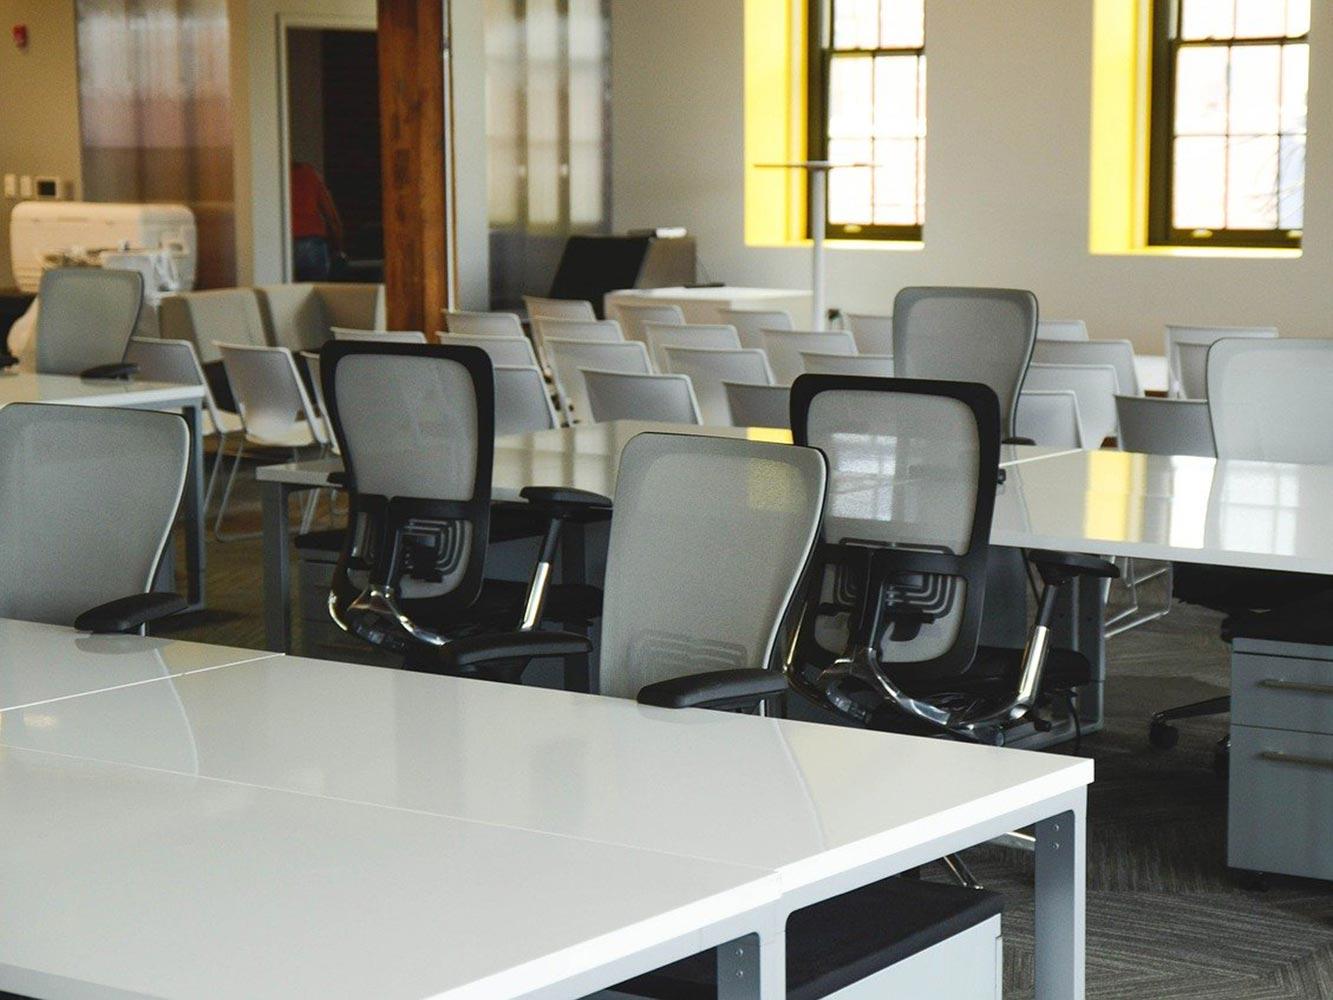 Siege ergonomique pour agencement de bureau ergonomique et bien être au travail